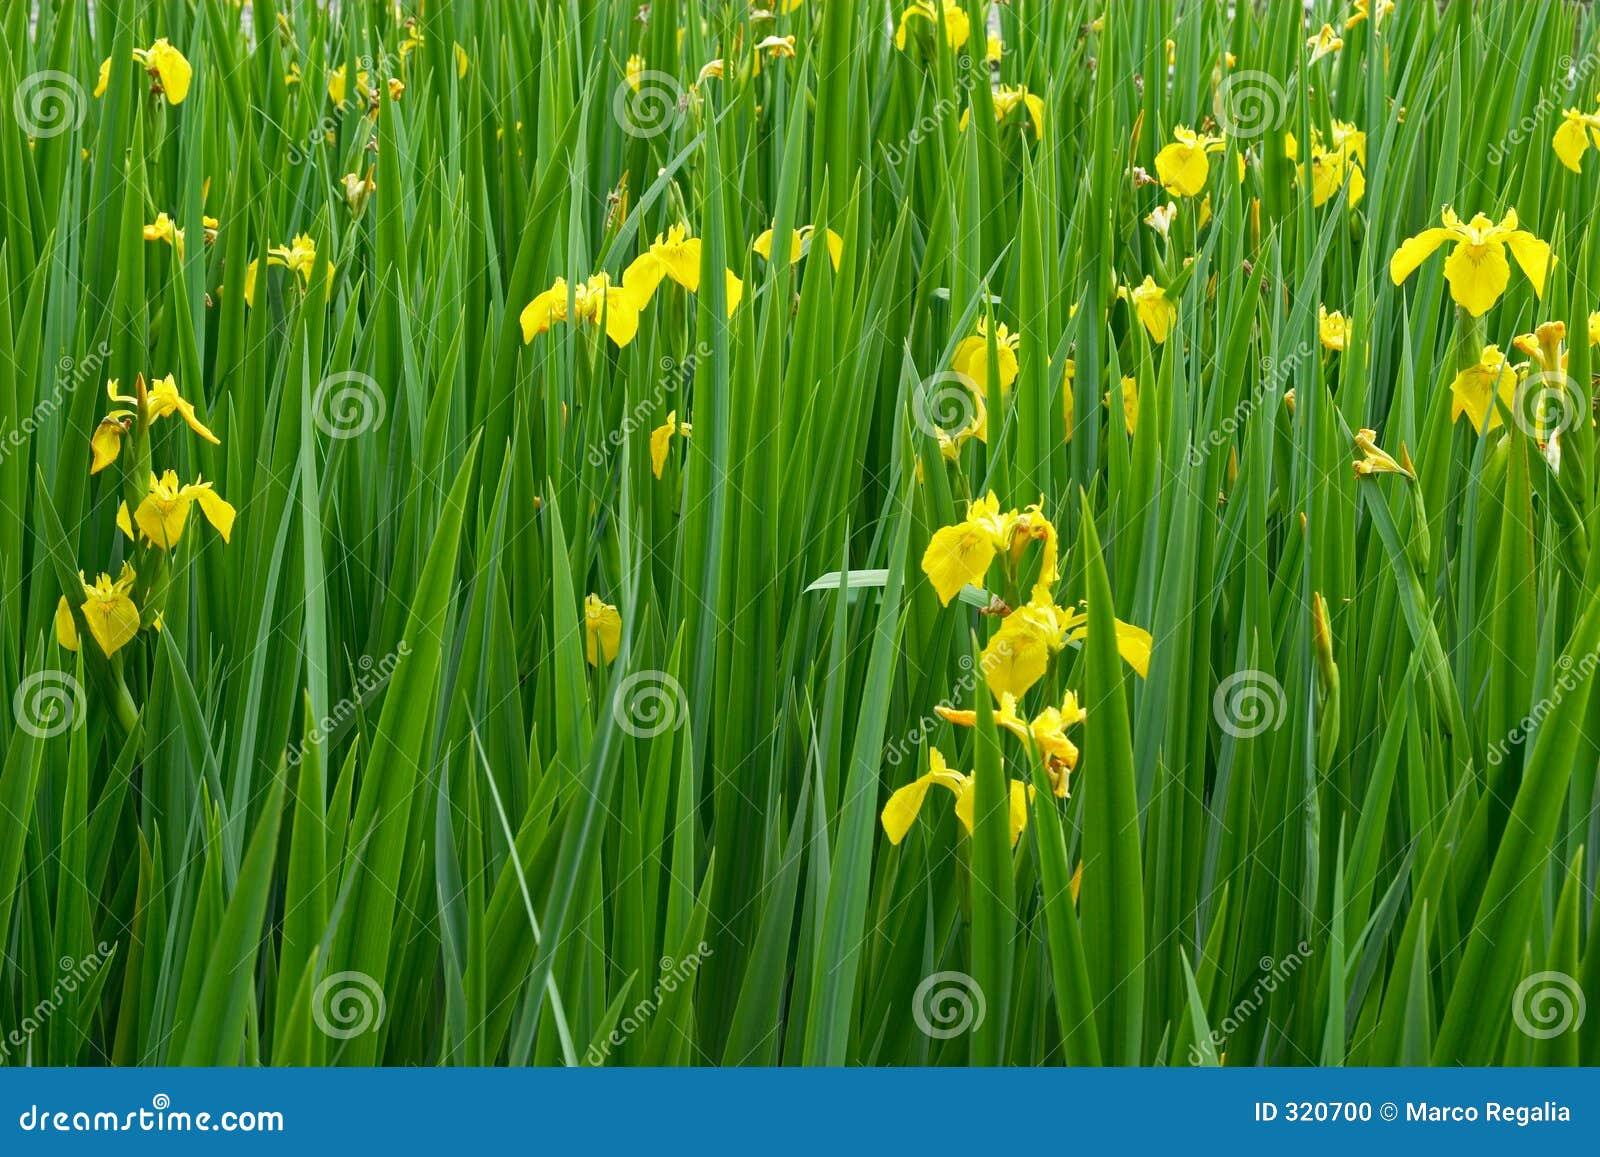 yellow iris flowers in bloom stock photo  image, Beautiful flower